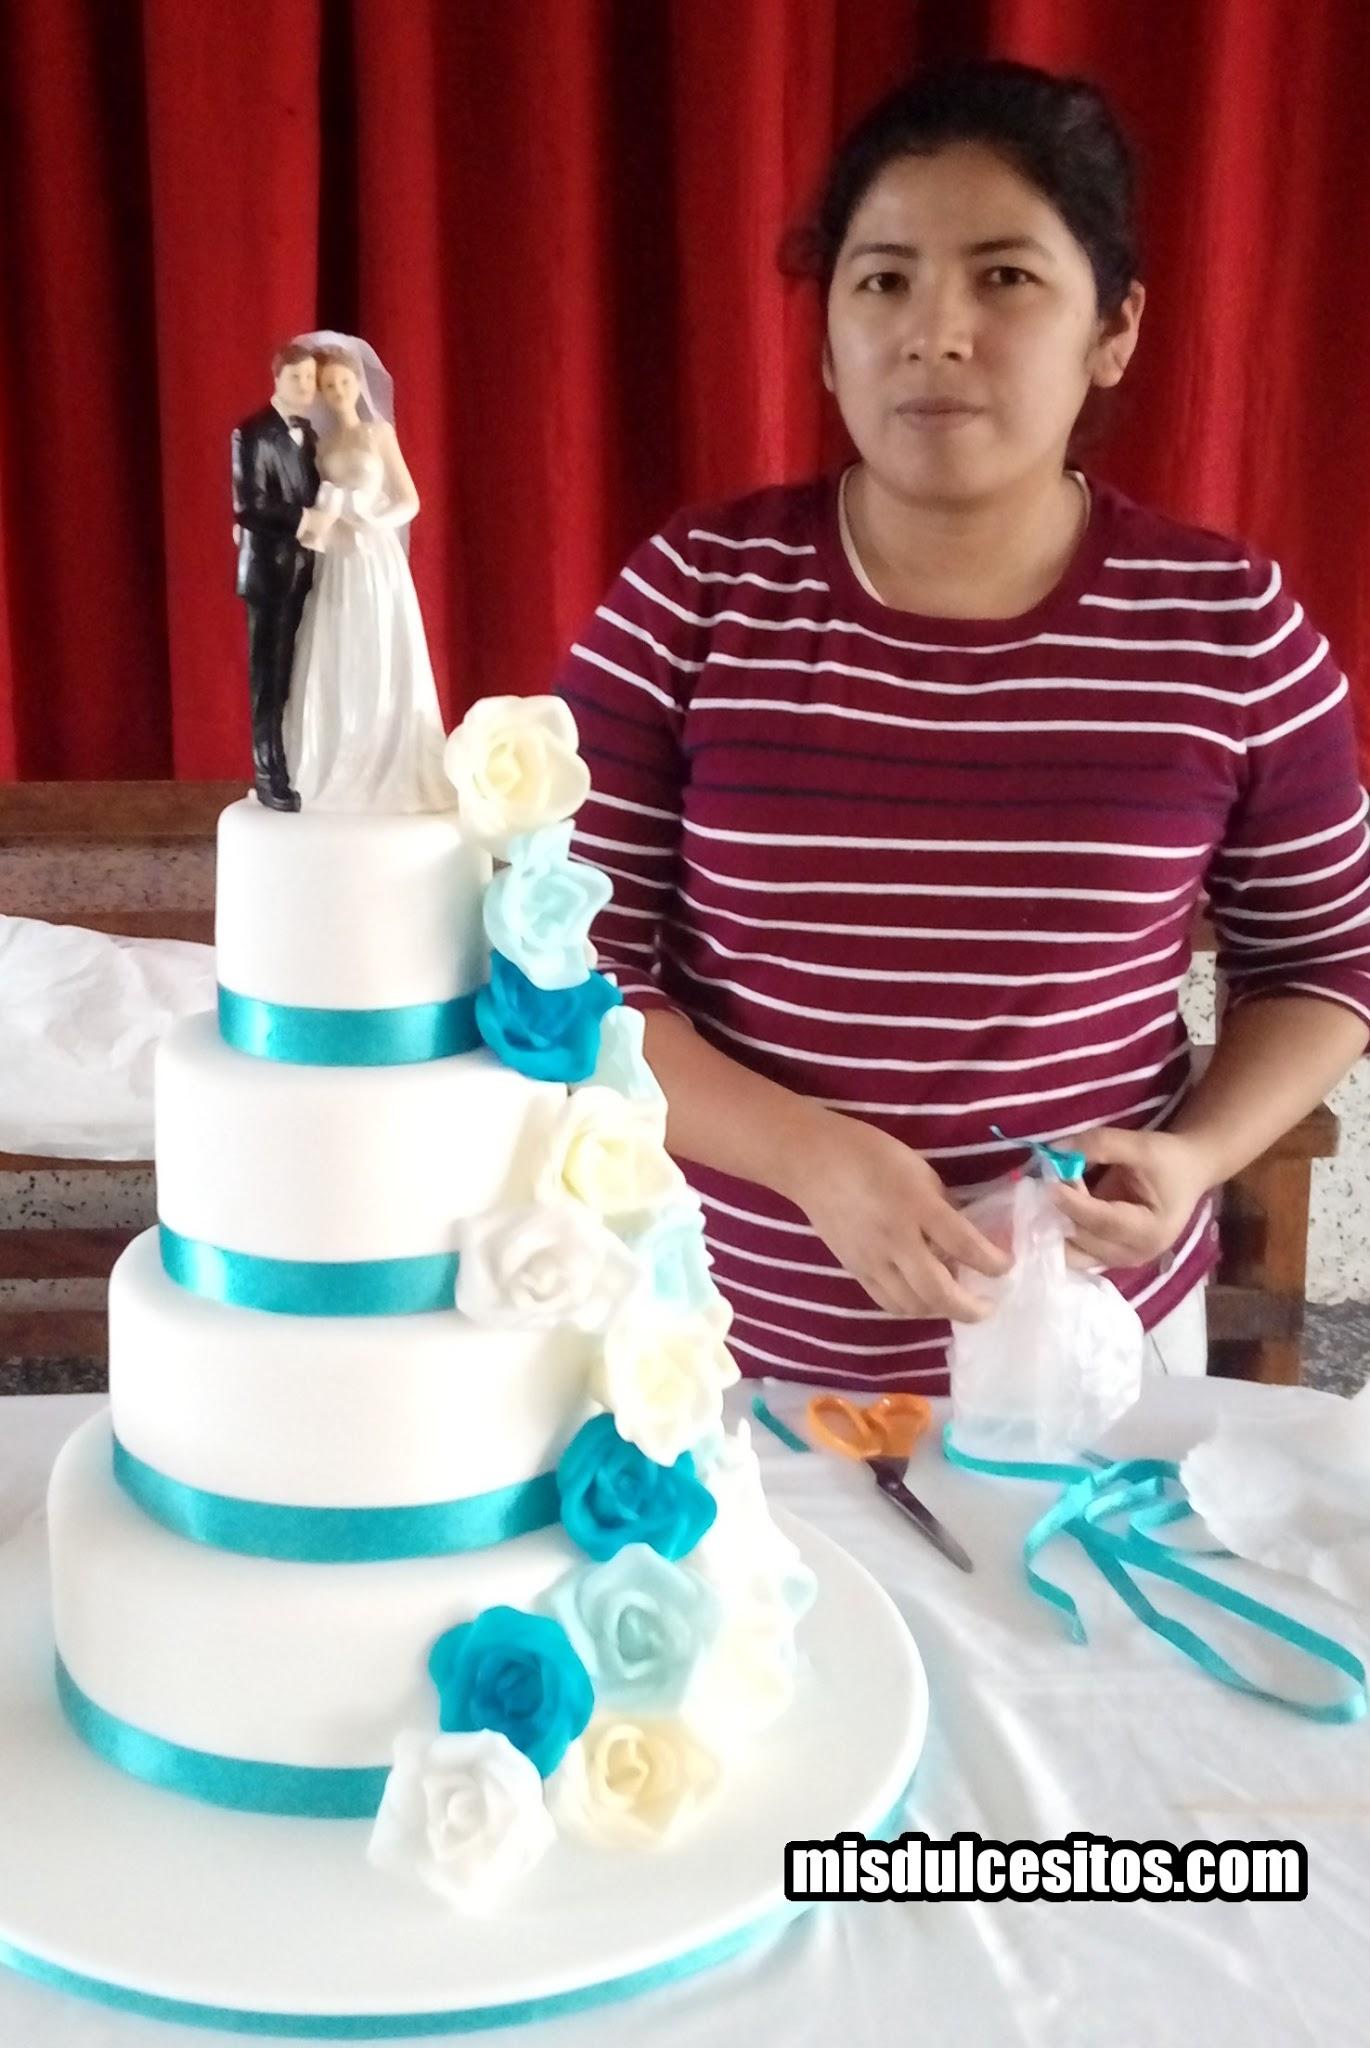 Torta de boda con rosas turquesas celestes y blancas. Venta de tortas para bodas en Lima, Perú.